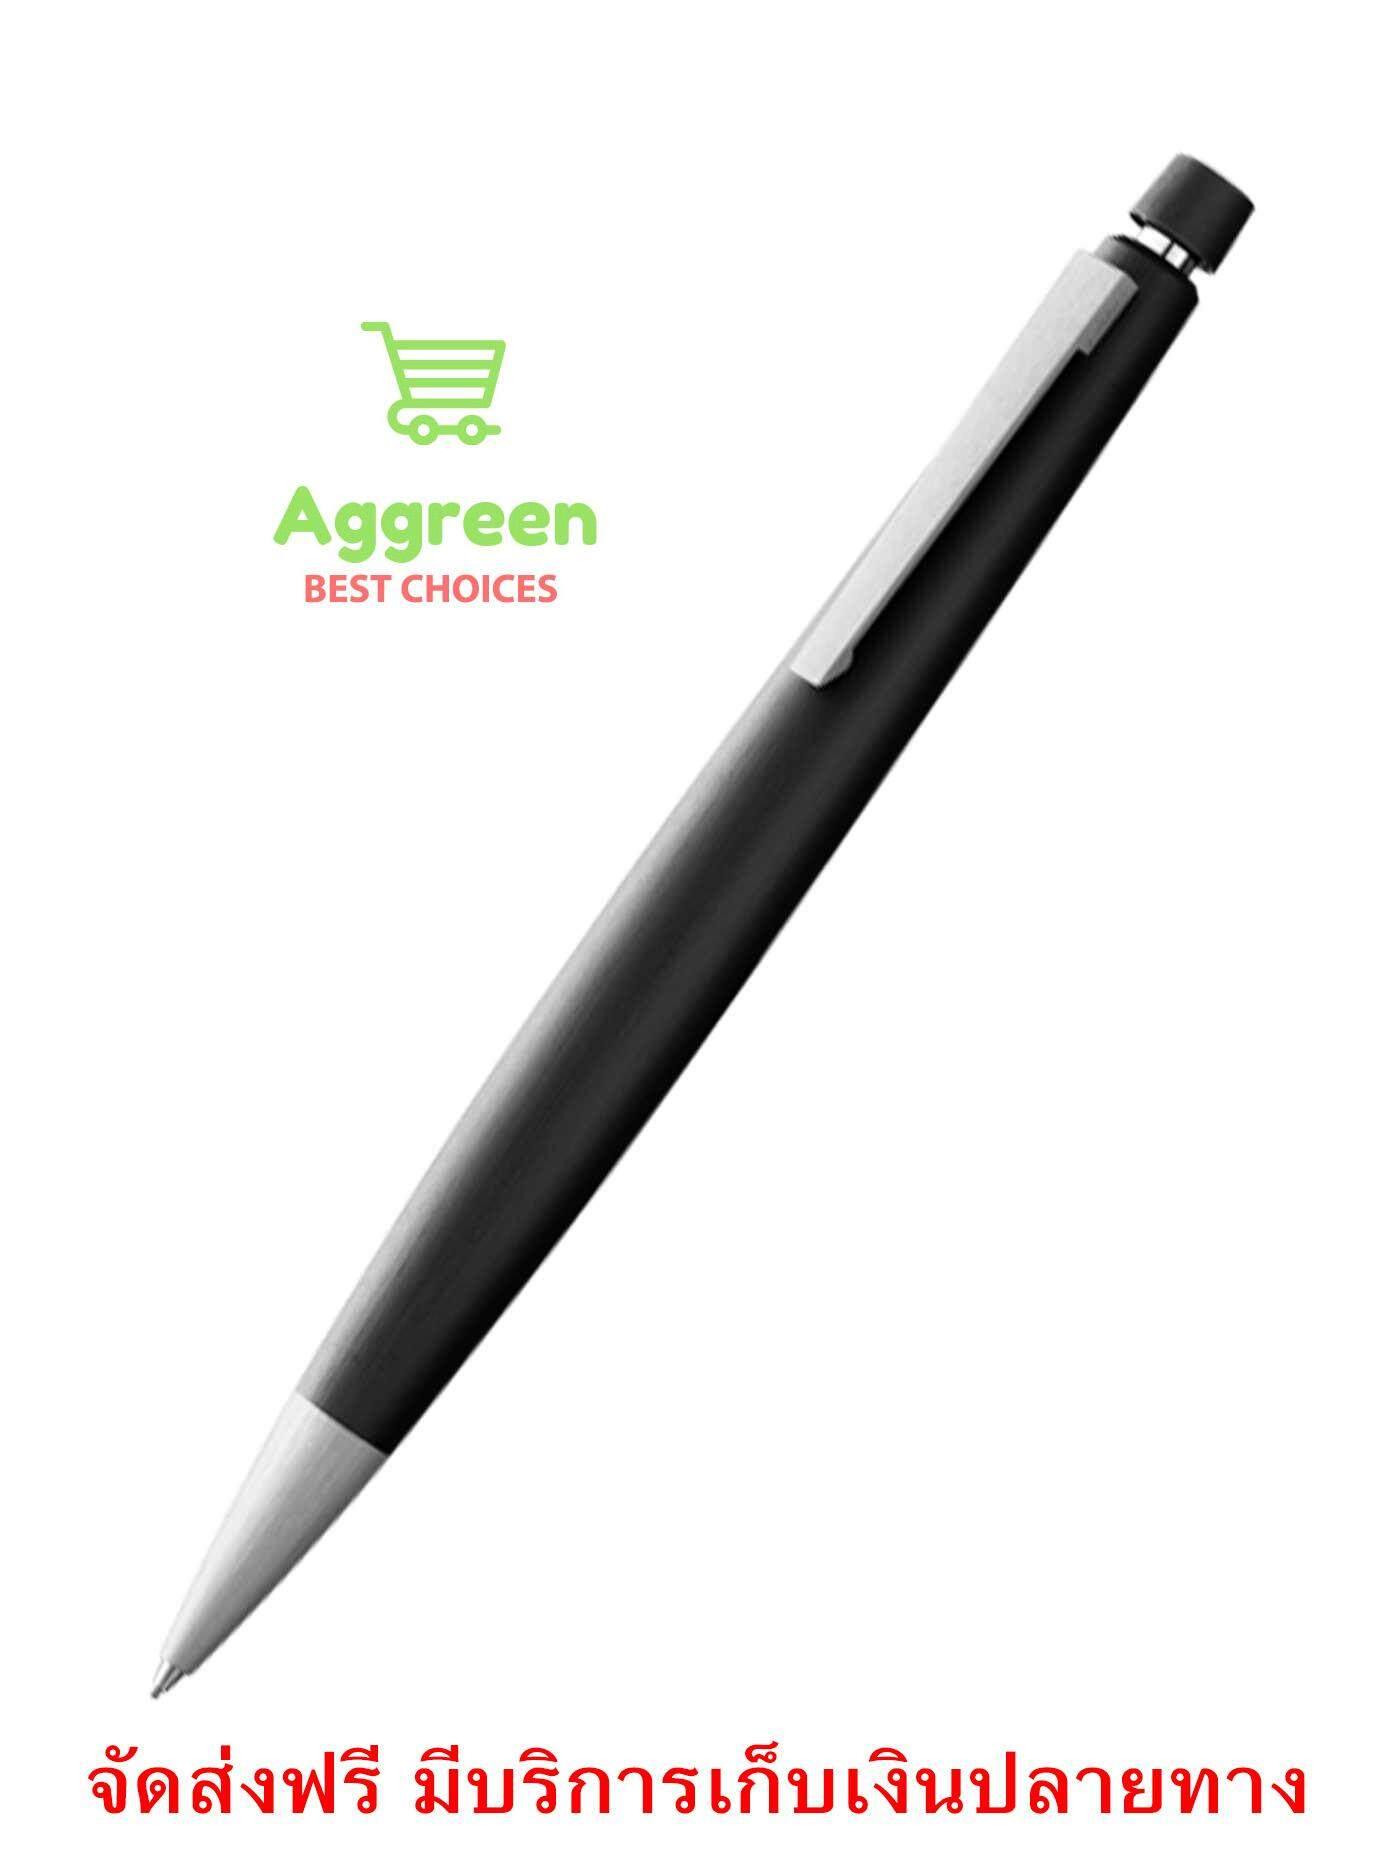 ปากกาหรู ปากกาดีไซน์ / ผู้บริหาร ปากกาเซ็นชื่อ Lamy ดินสอ 101 รุ่น 2000 0.7 สีดำ.